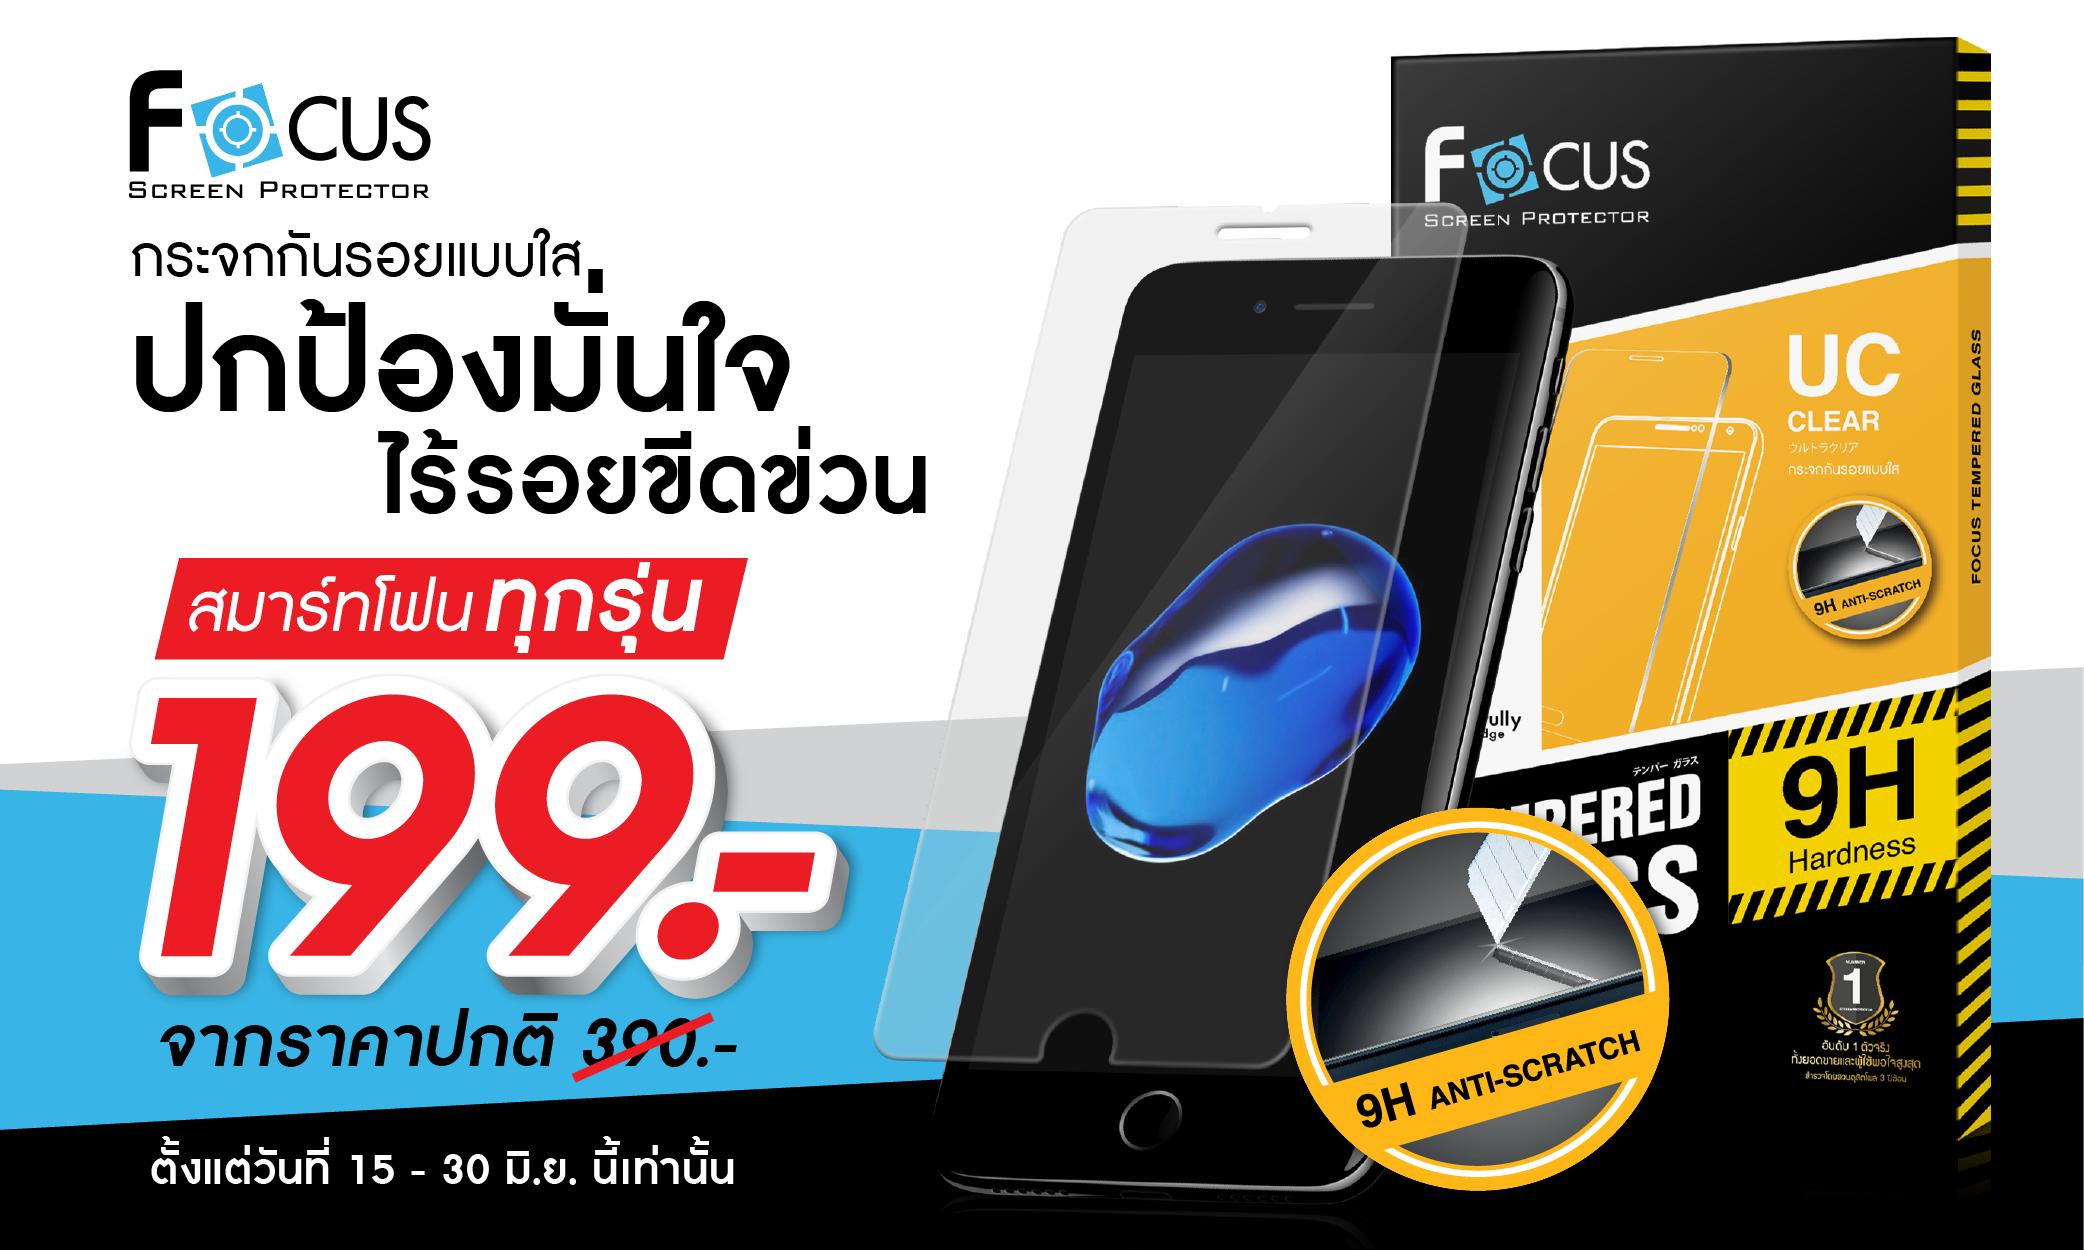 Focus Pro199